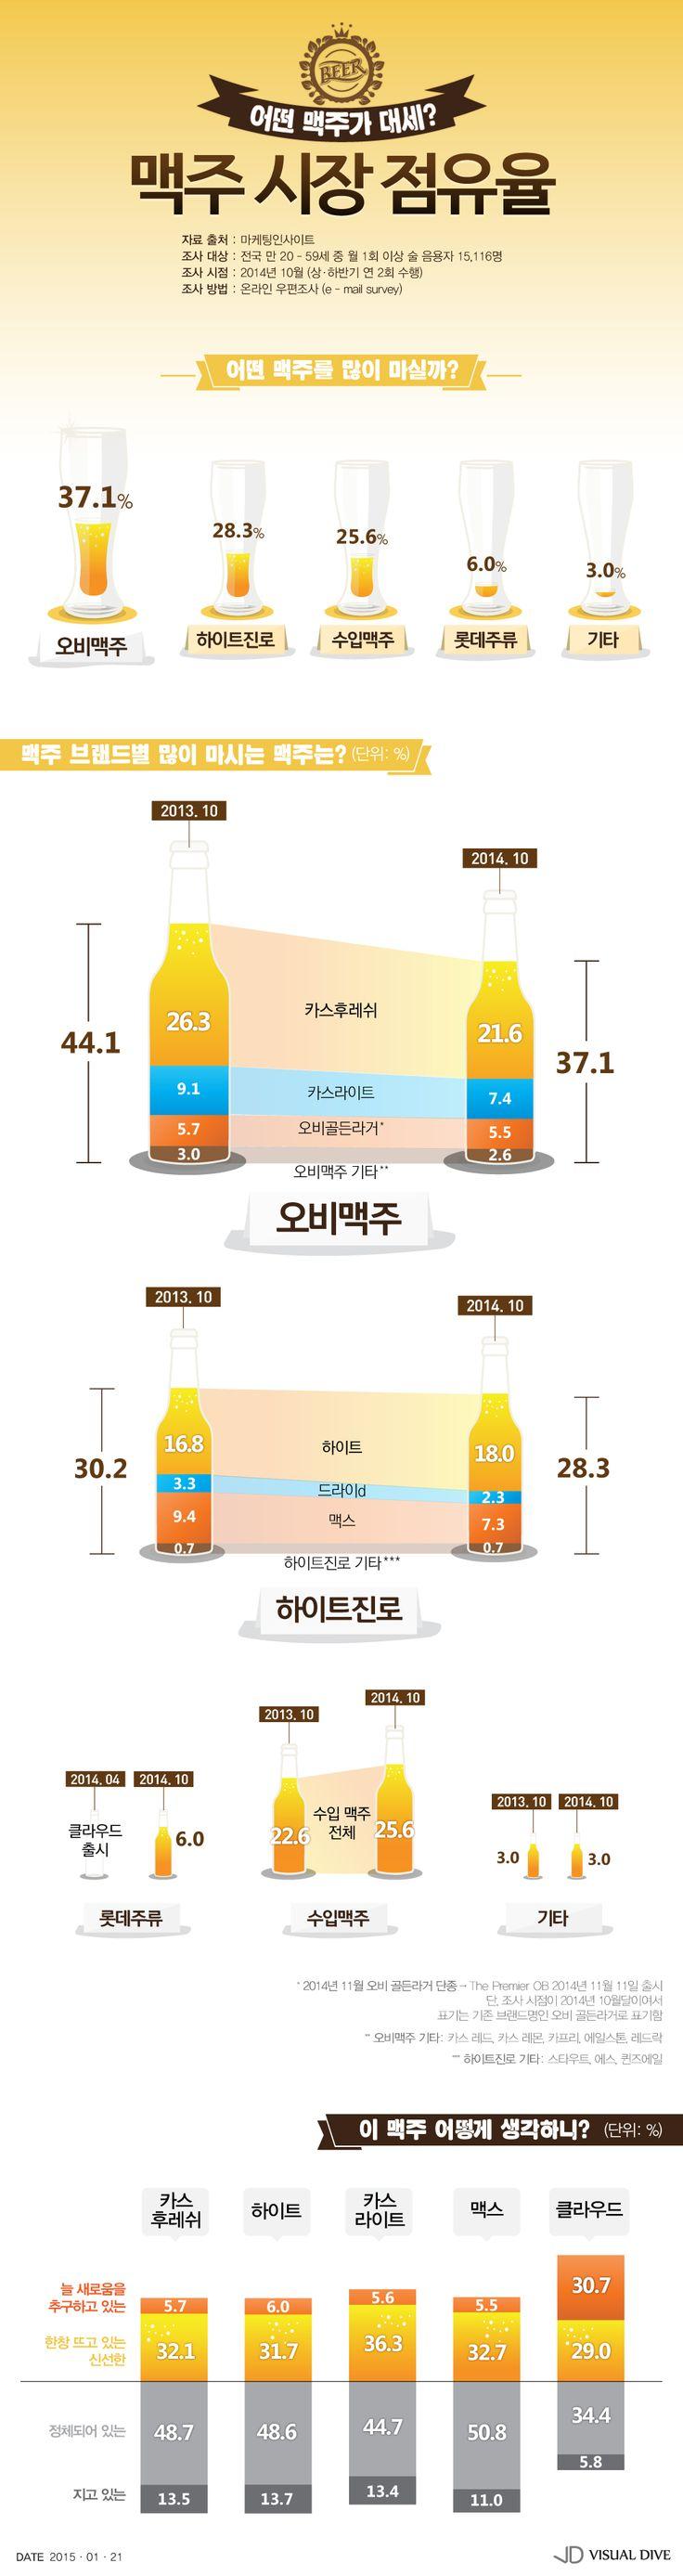 국내 맥주시장, 신제품‧수입이 인기…시장 점유율 증가세 [인포그래픽] #Beer / #Infographic ⓒ 비주얼다이브 무단 복사·전재·재배포 금지